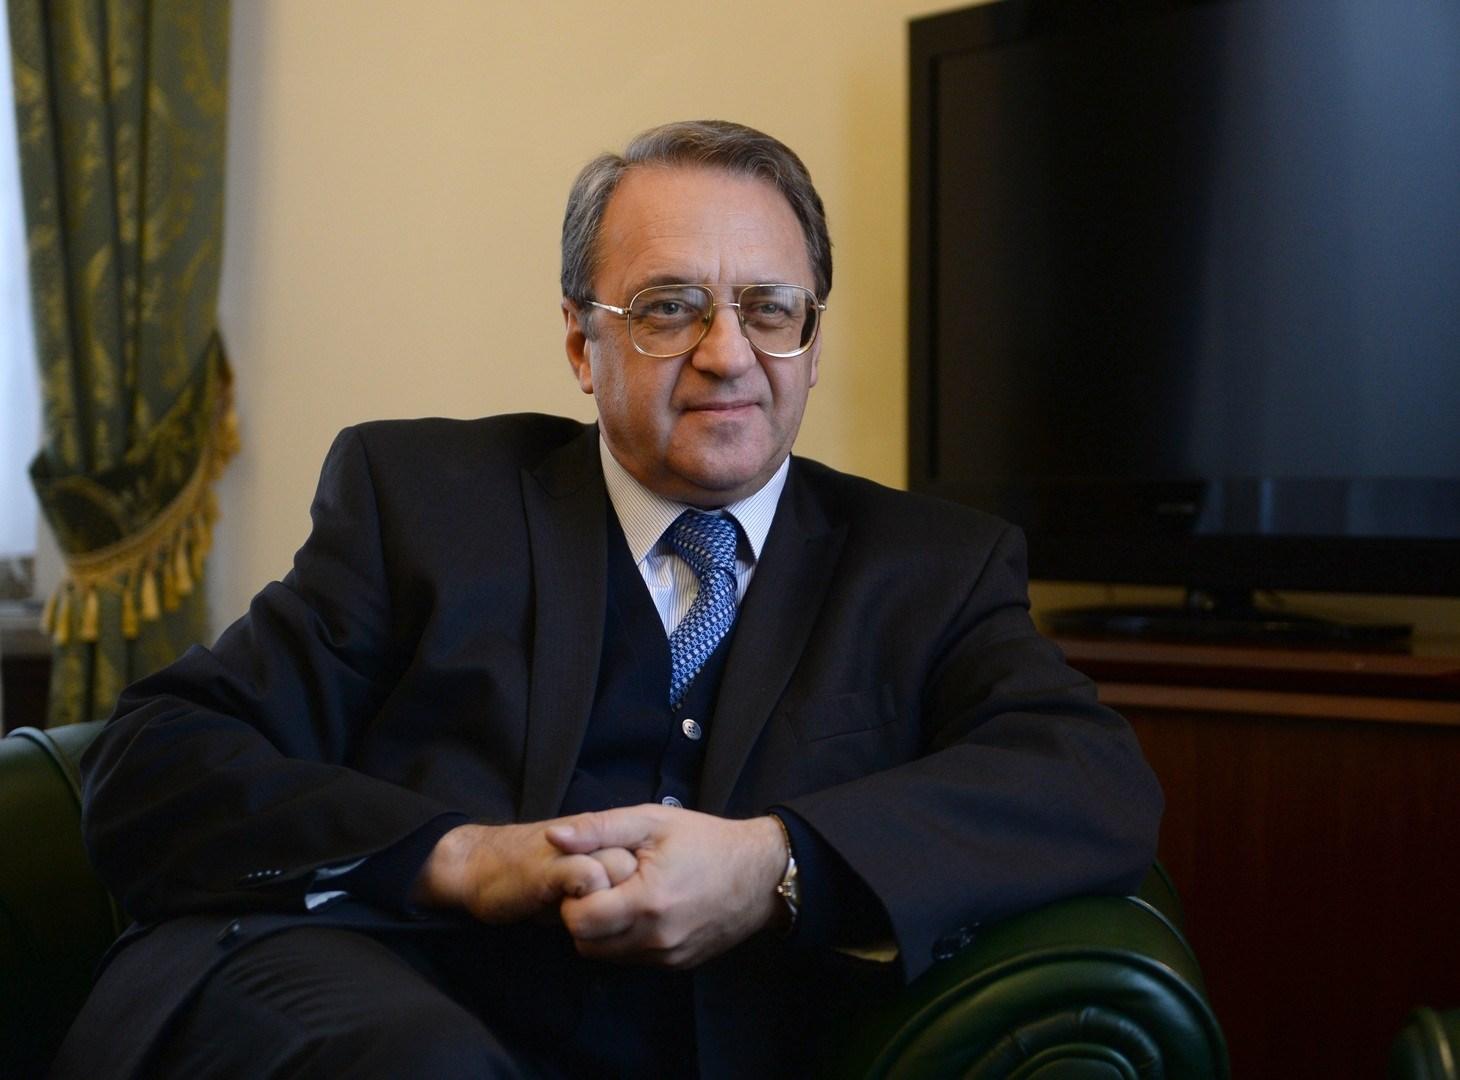 بوغدانوف يشدد على ضرورة توصل الجانبين الفلسطيني والإسرائيلي إلى حلول مقبولة لجميع المشاكل عبر المفاوضات